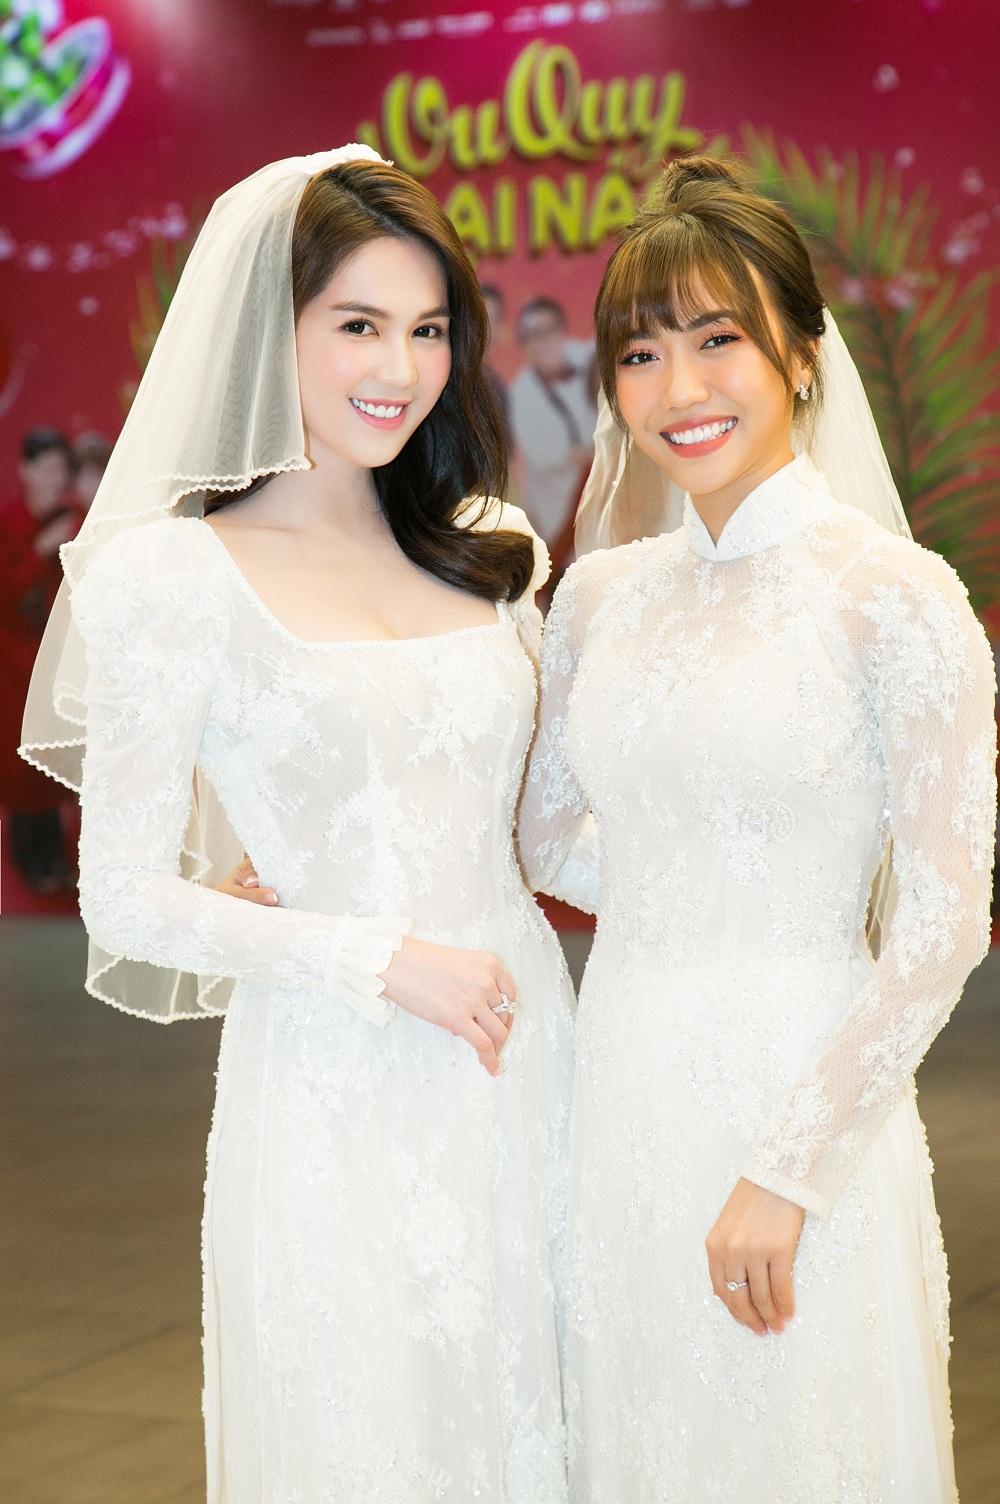 Chị em 'gái ế'Ngọc Trinh, Diệu Nhi hóa cô dâu xinh đẹp trong 'ngày cưới' - Ảnh 1